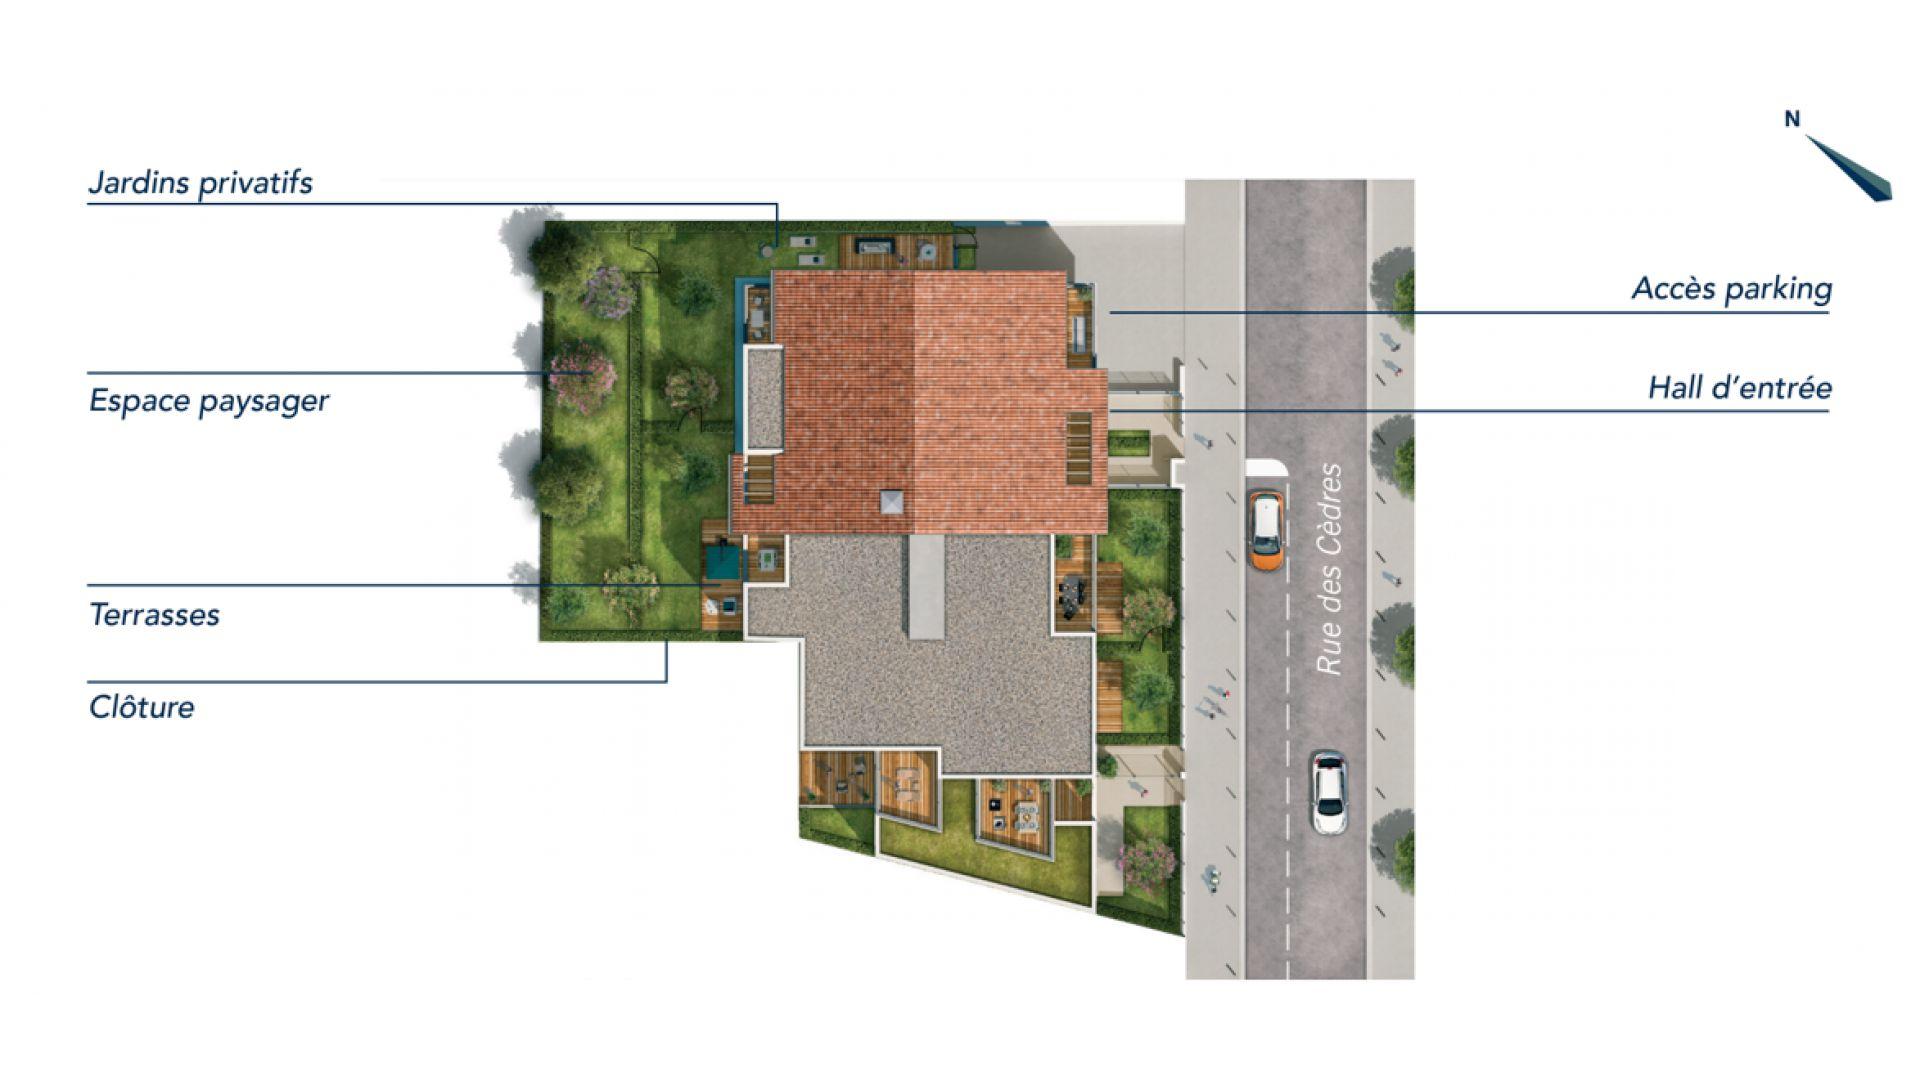 GreenCity immobilier - Toulouse rangueil 31400 - Le clos Juliette - appartements du T2 au T3duplex   - plan de mase